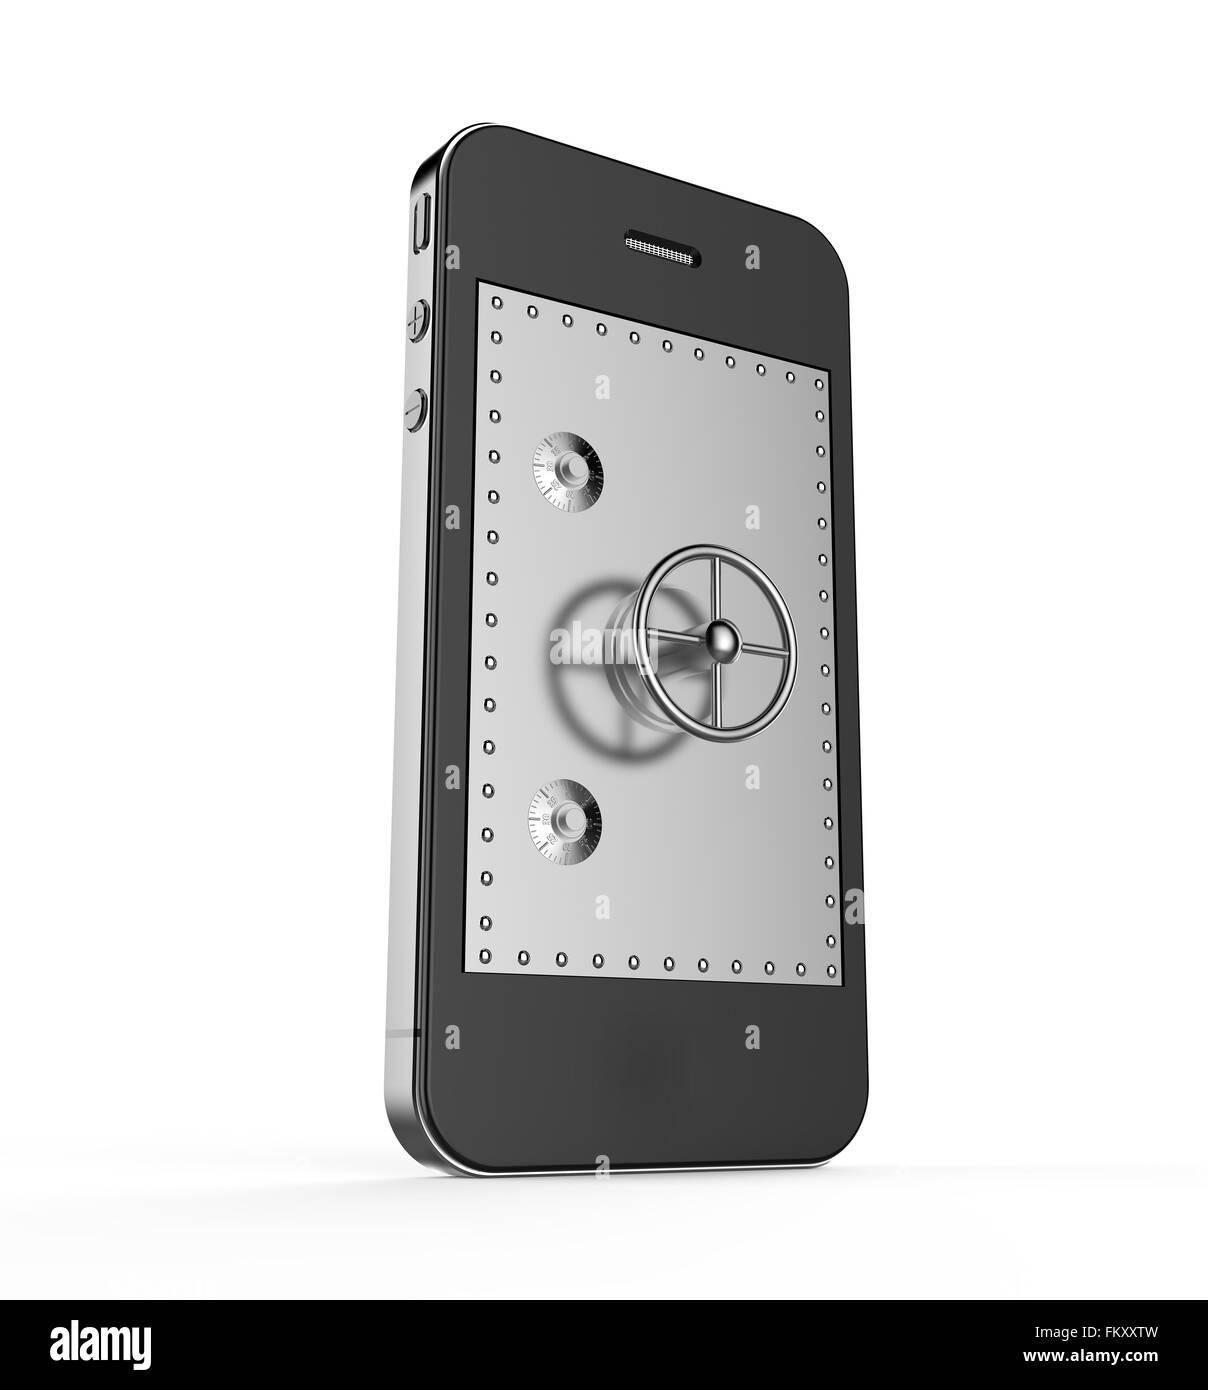 Chiudere lo sportello della cassetta di sicurezza in uno smartphone: concetto di sicurezza Immagini Stock